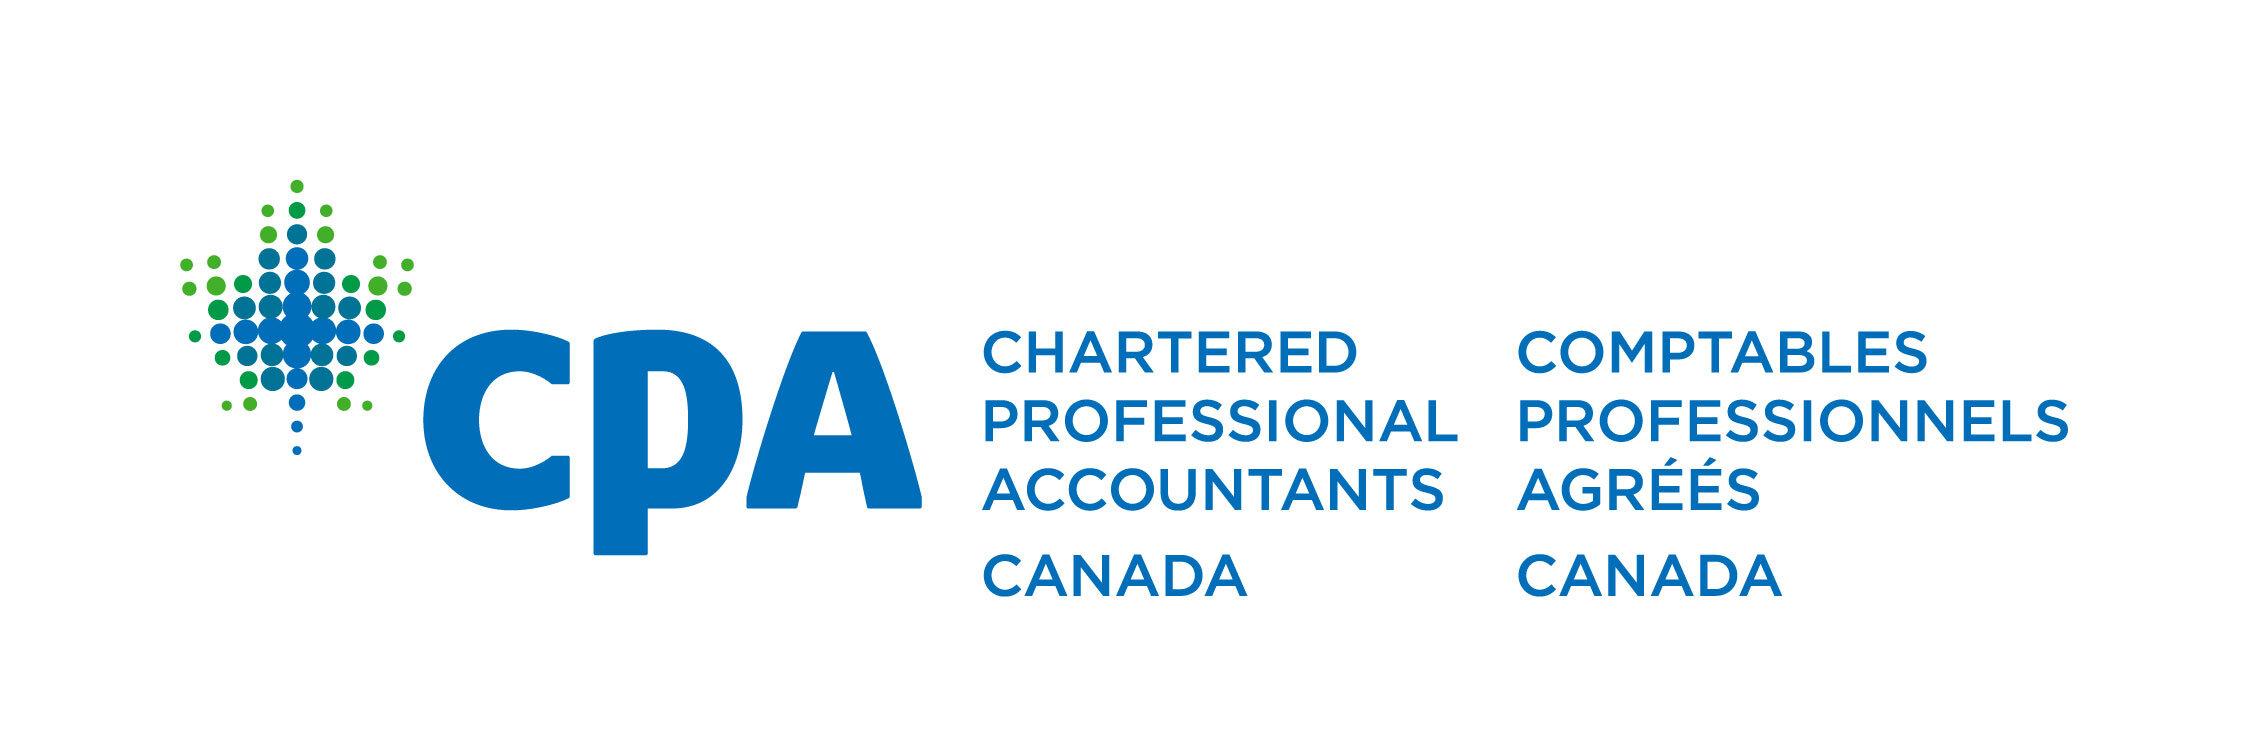 CPA Canada bilingual logo.jpg